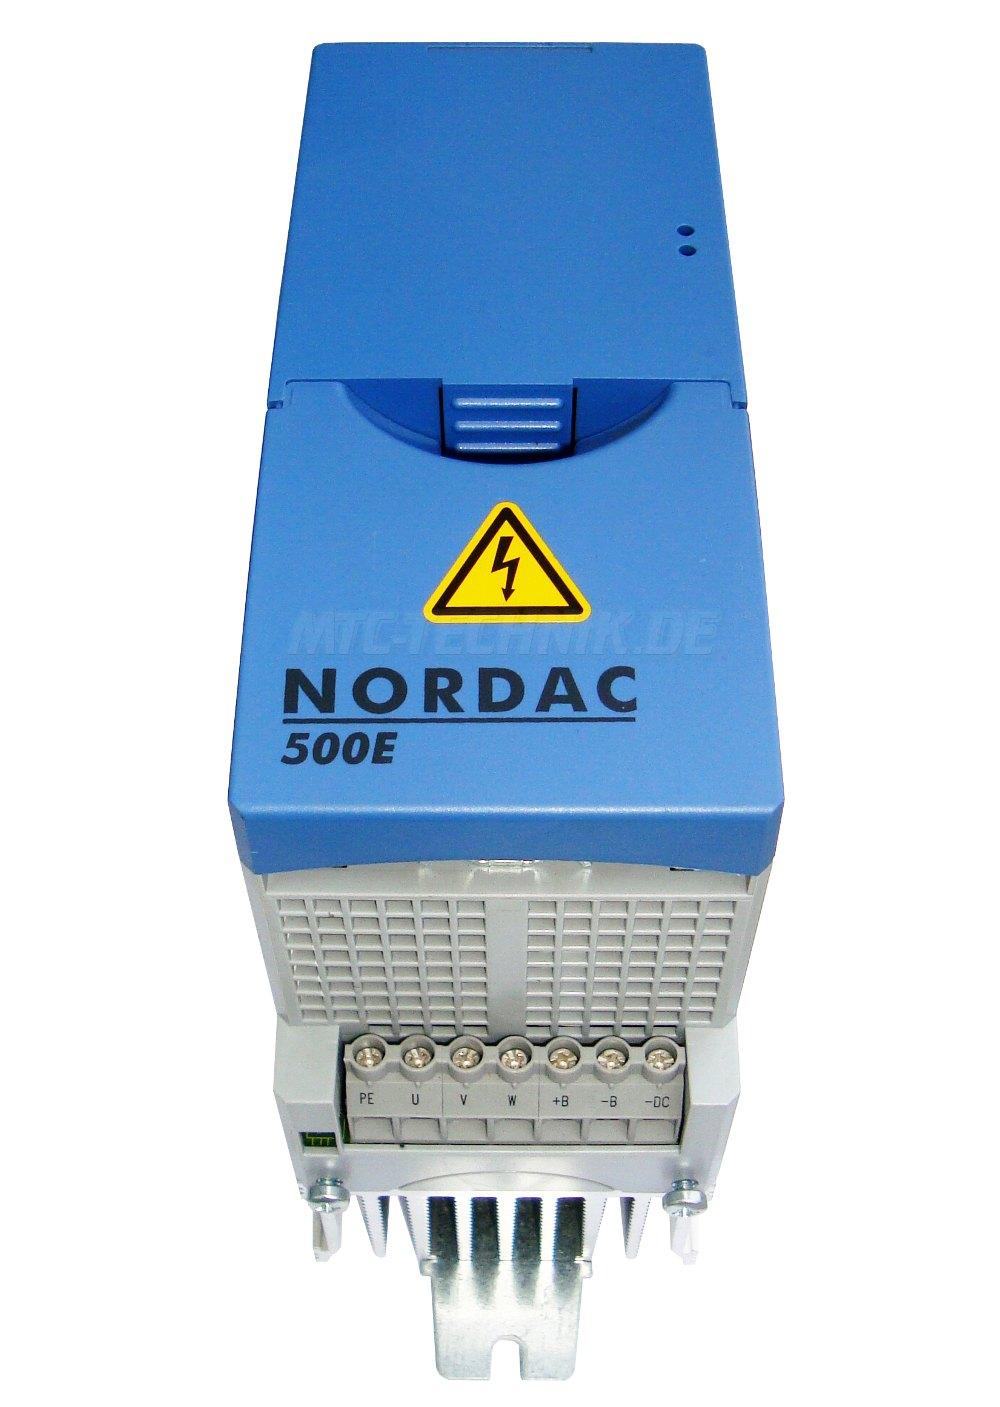 2 Austausch Nord-ac Sk500e-250-323-a Frequenzumrichter